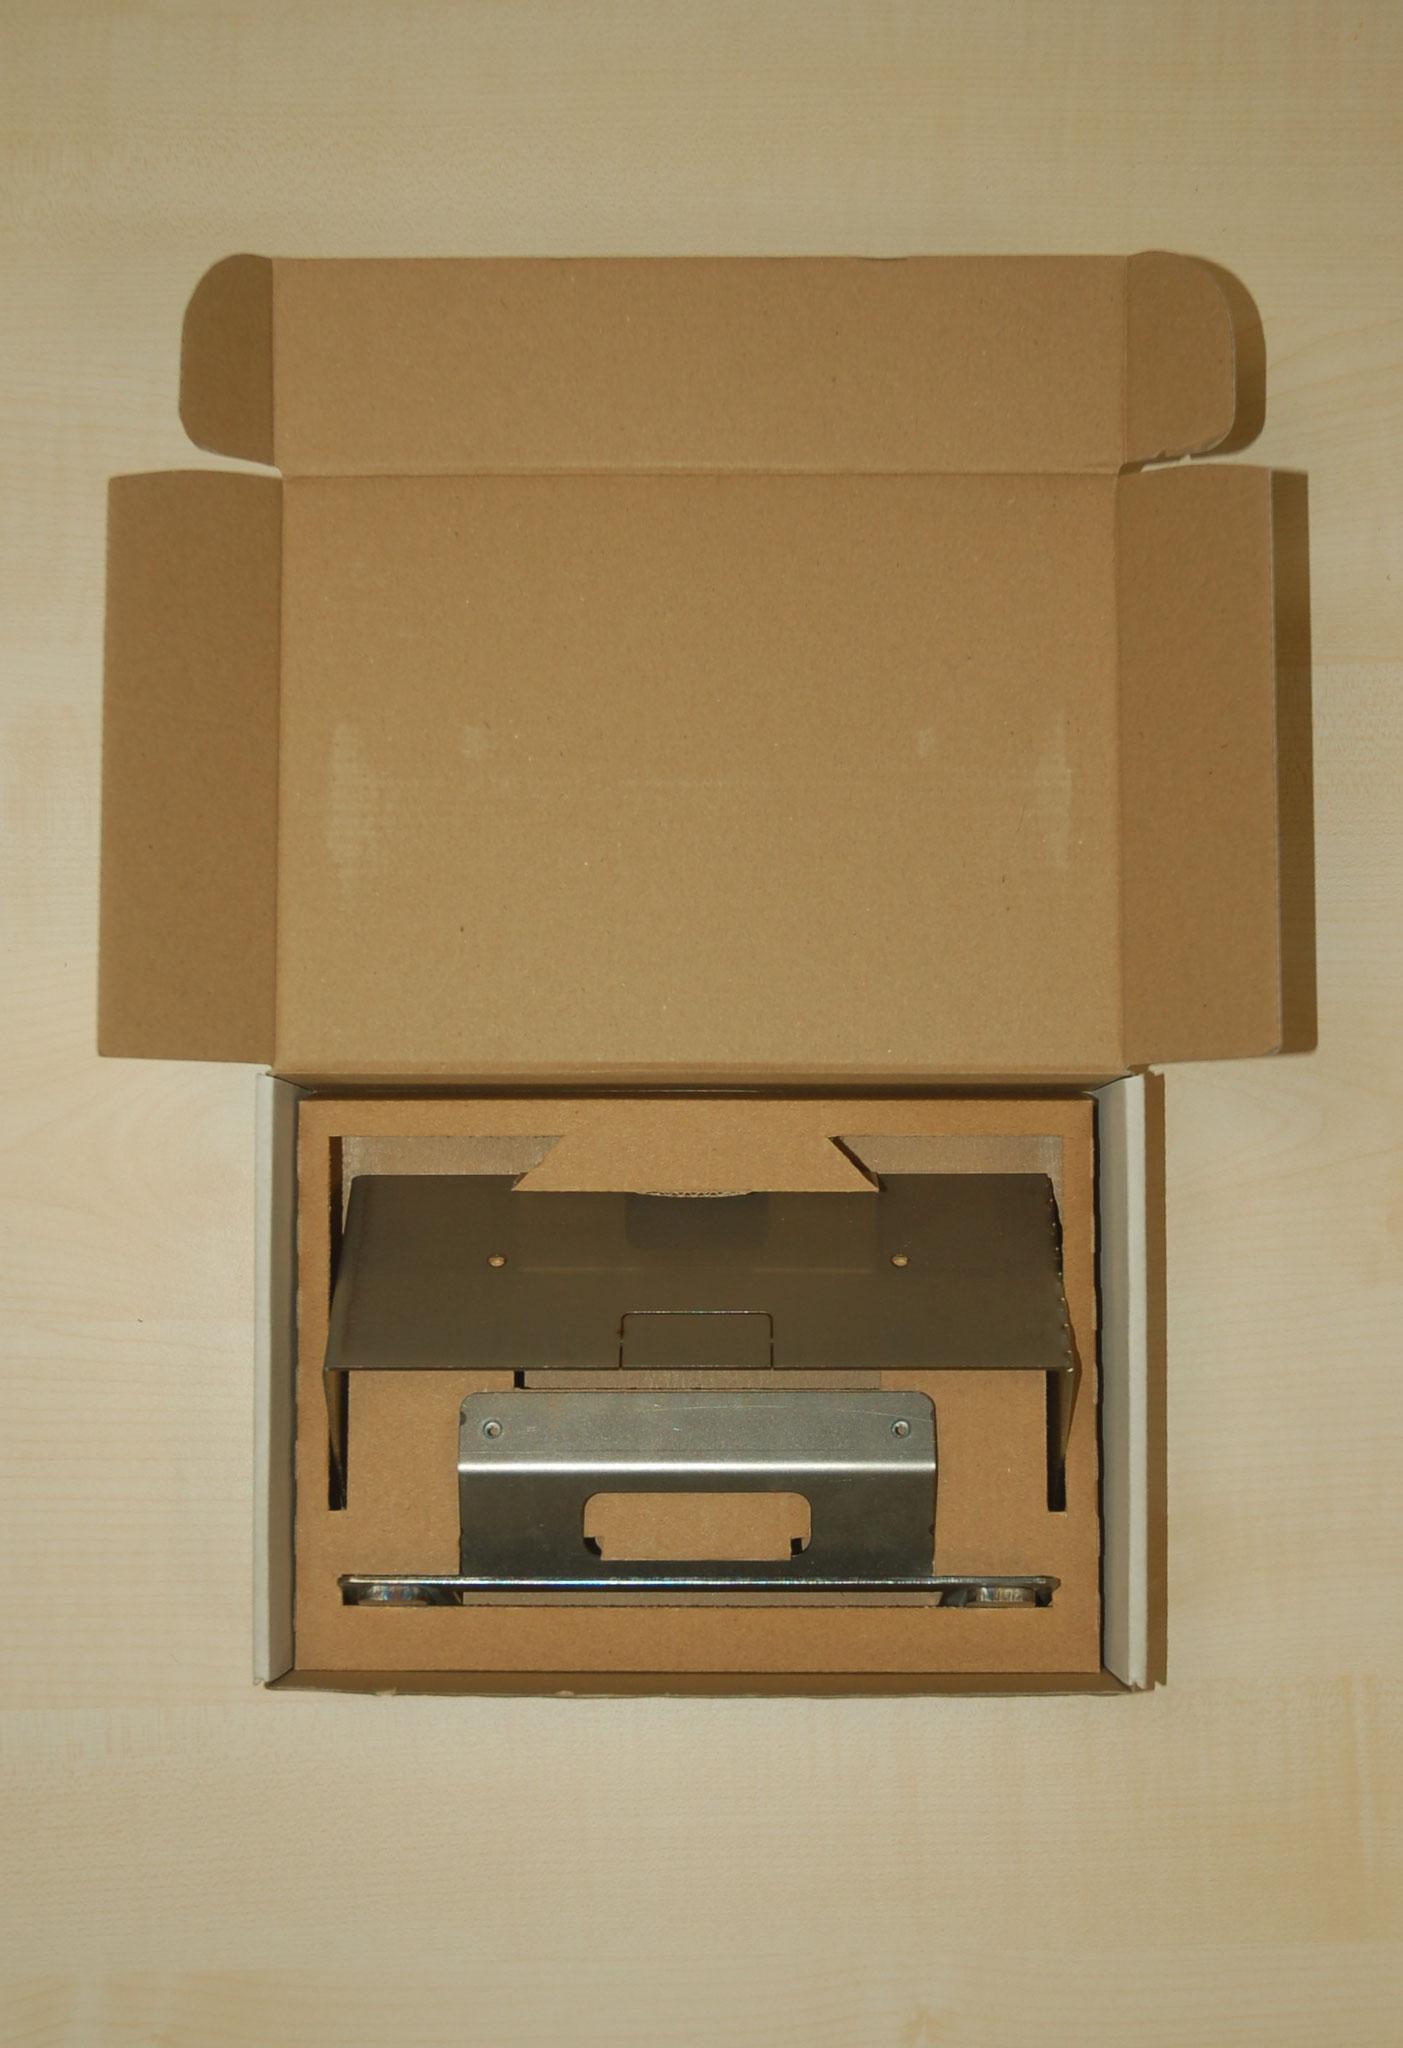 Schachtel mit Papplagerung